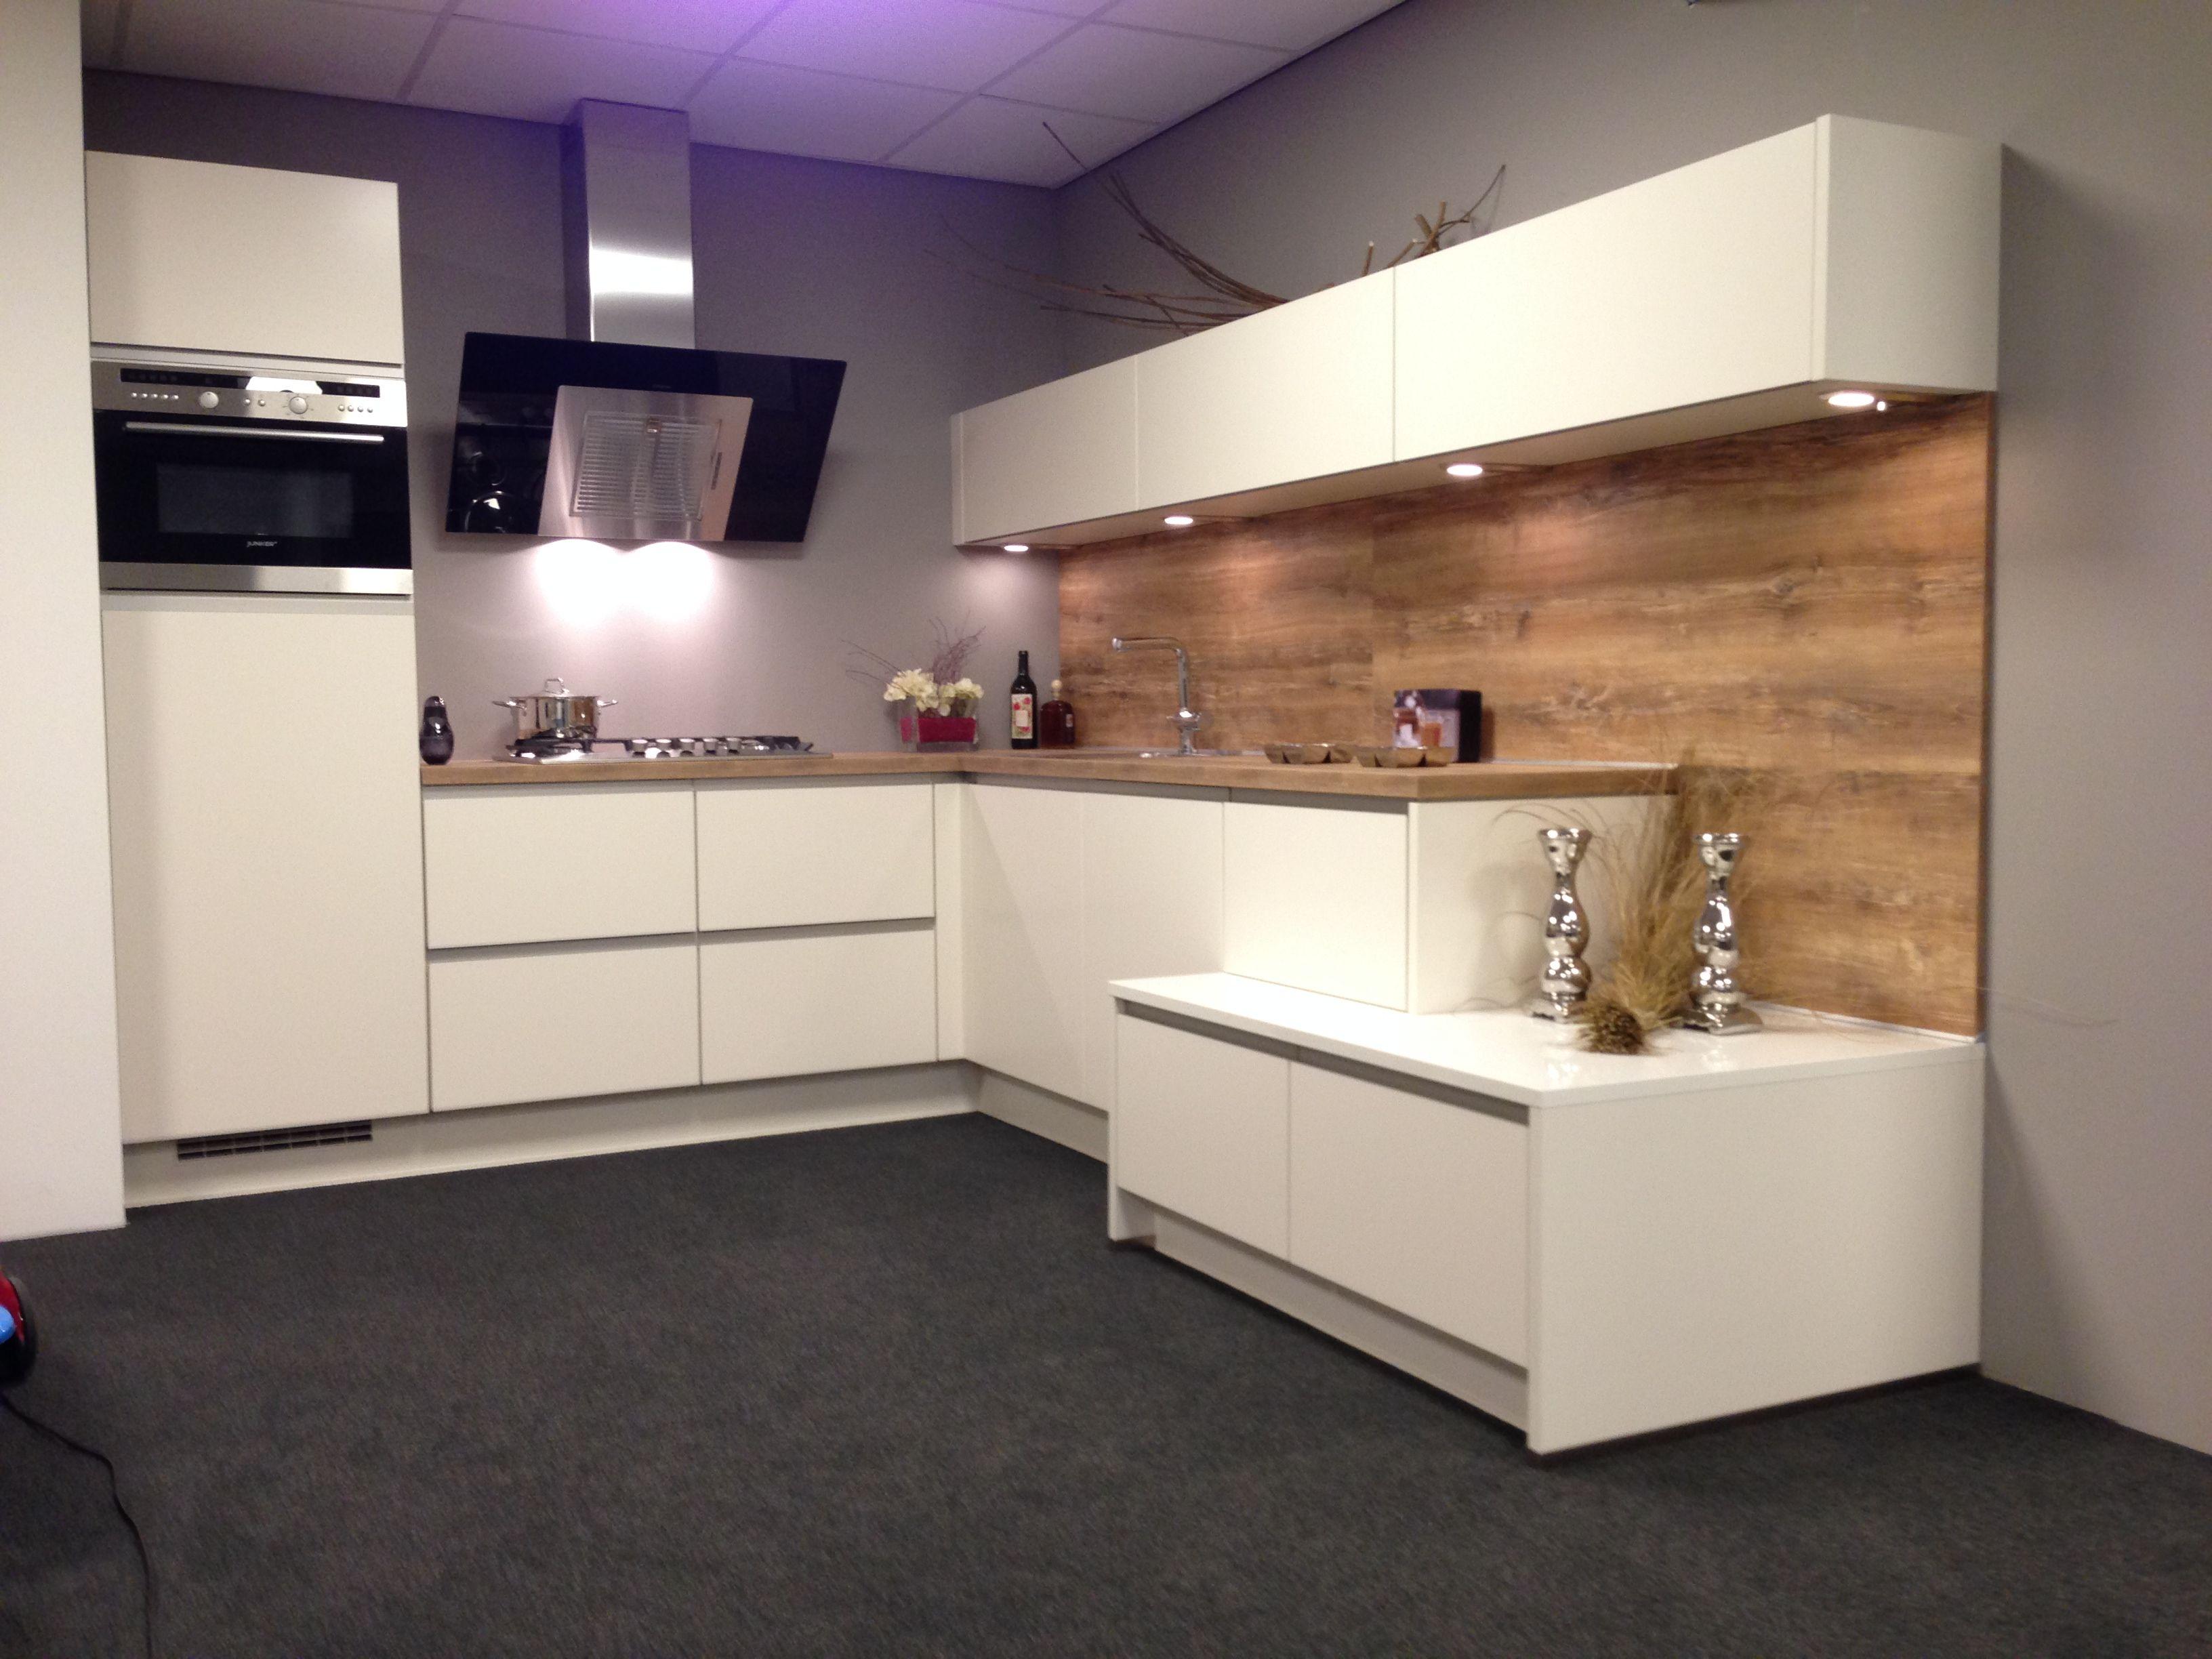 Keuken Achterwand Kunststof : Fraaie stoere design keuken. hoogglans greeploos wit met een